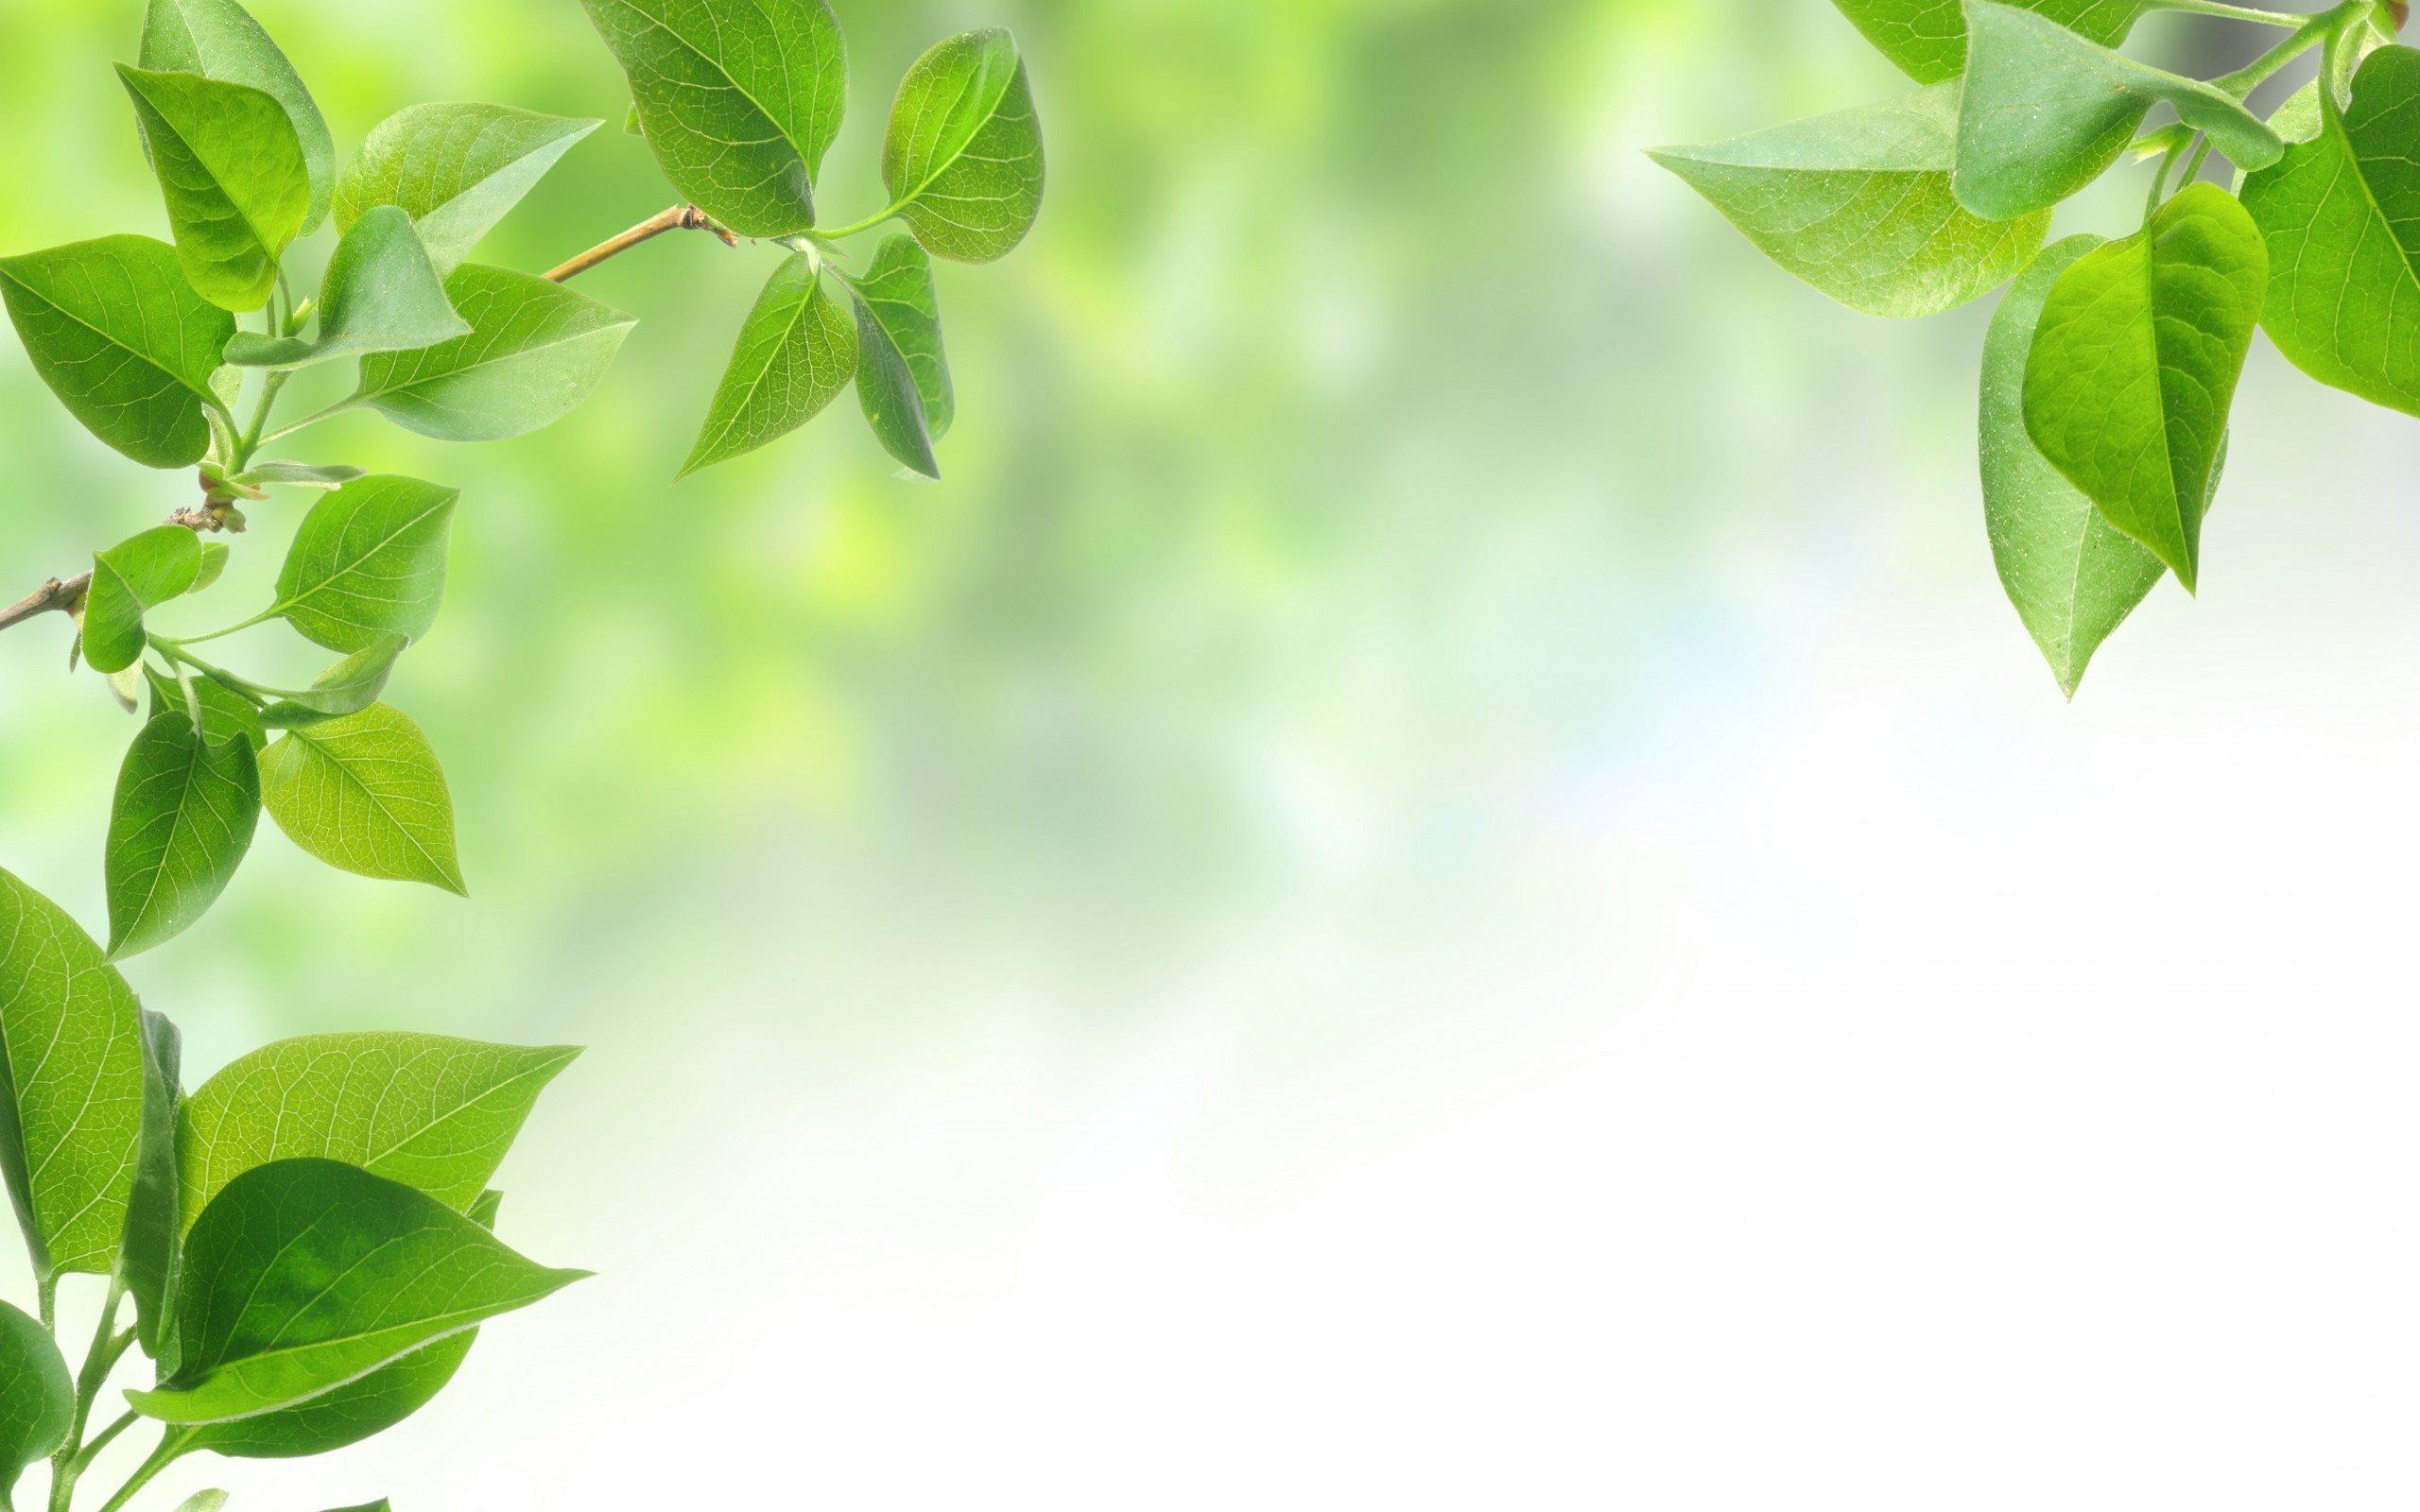 природа ветка листья nature branch leaves  № 2258 загрузить